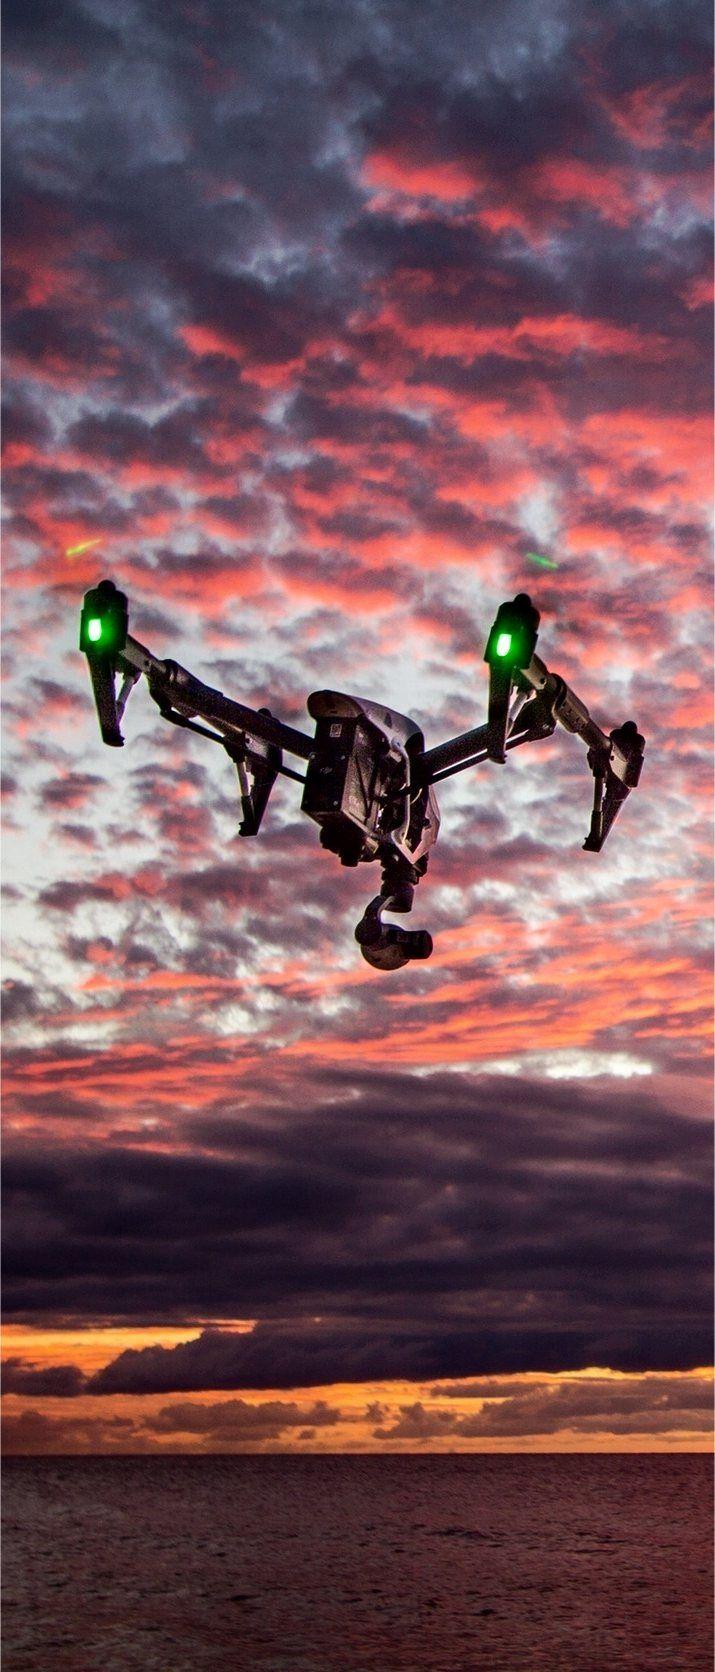 Camera drone for aerial photography at sunset http://dronesuavuas.com…